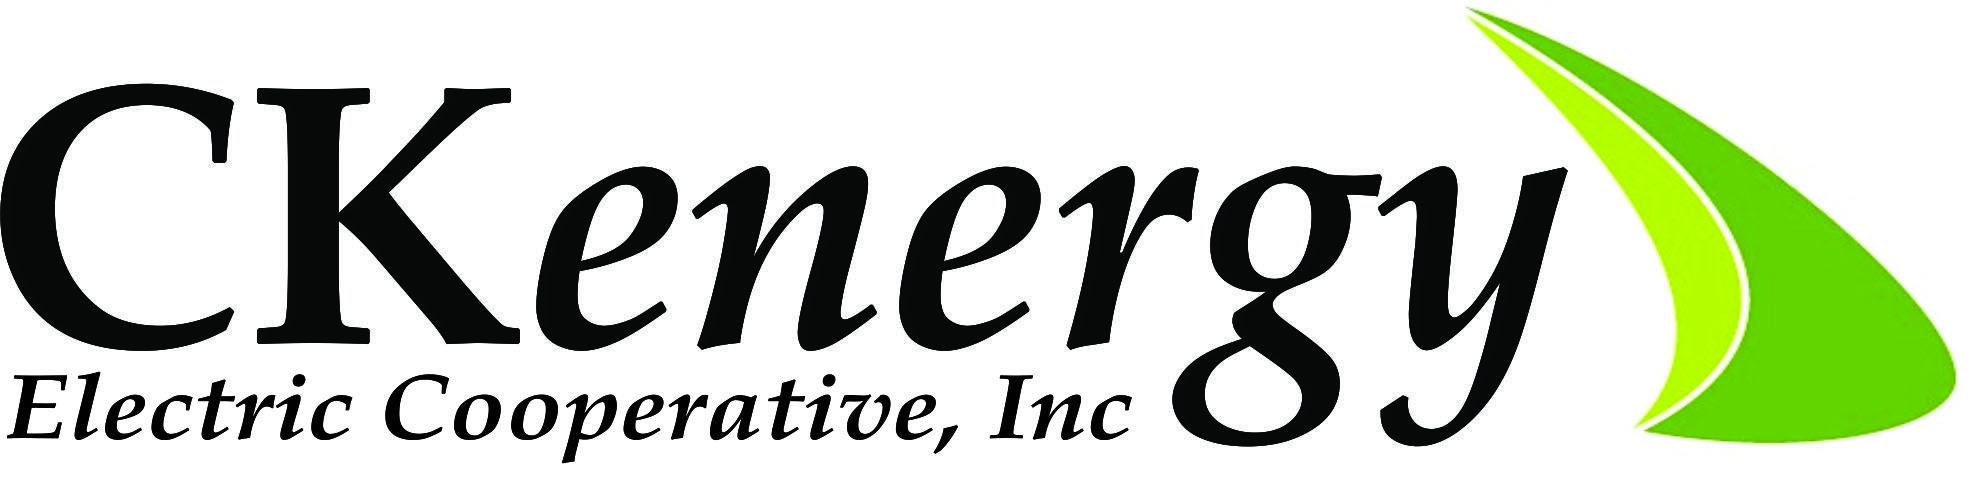 CKEC Logo.jpg